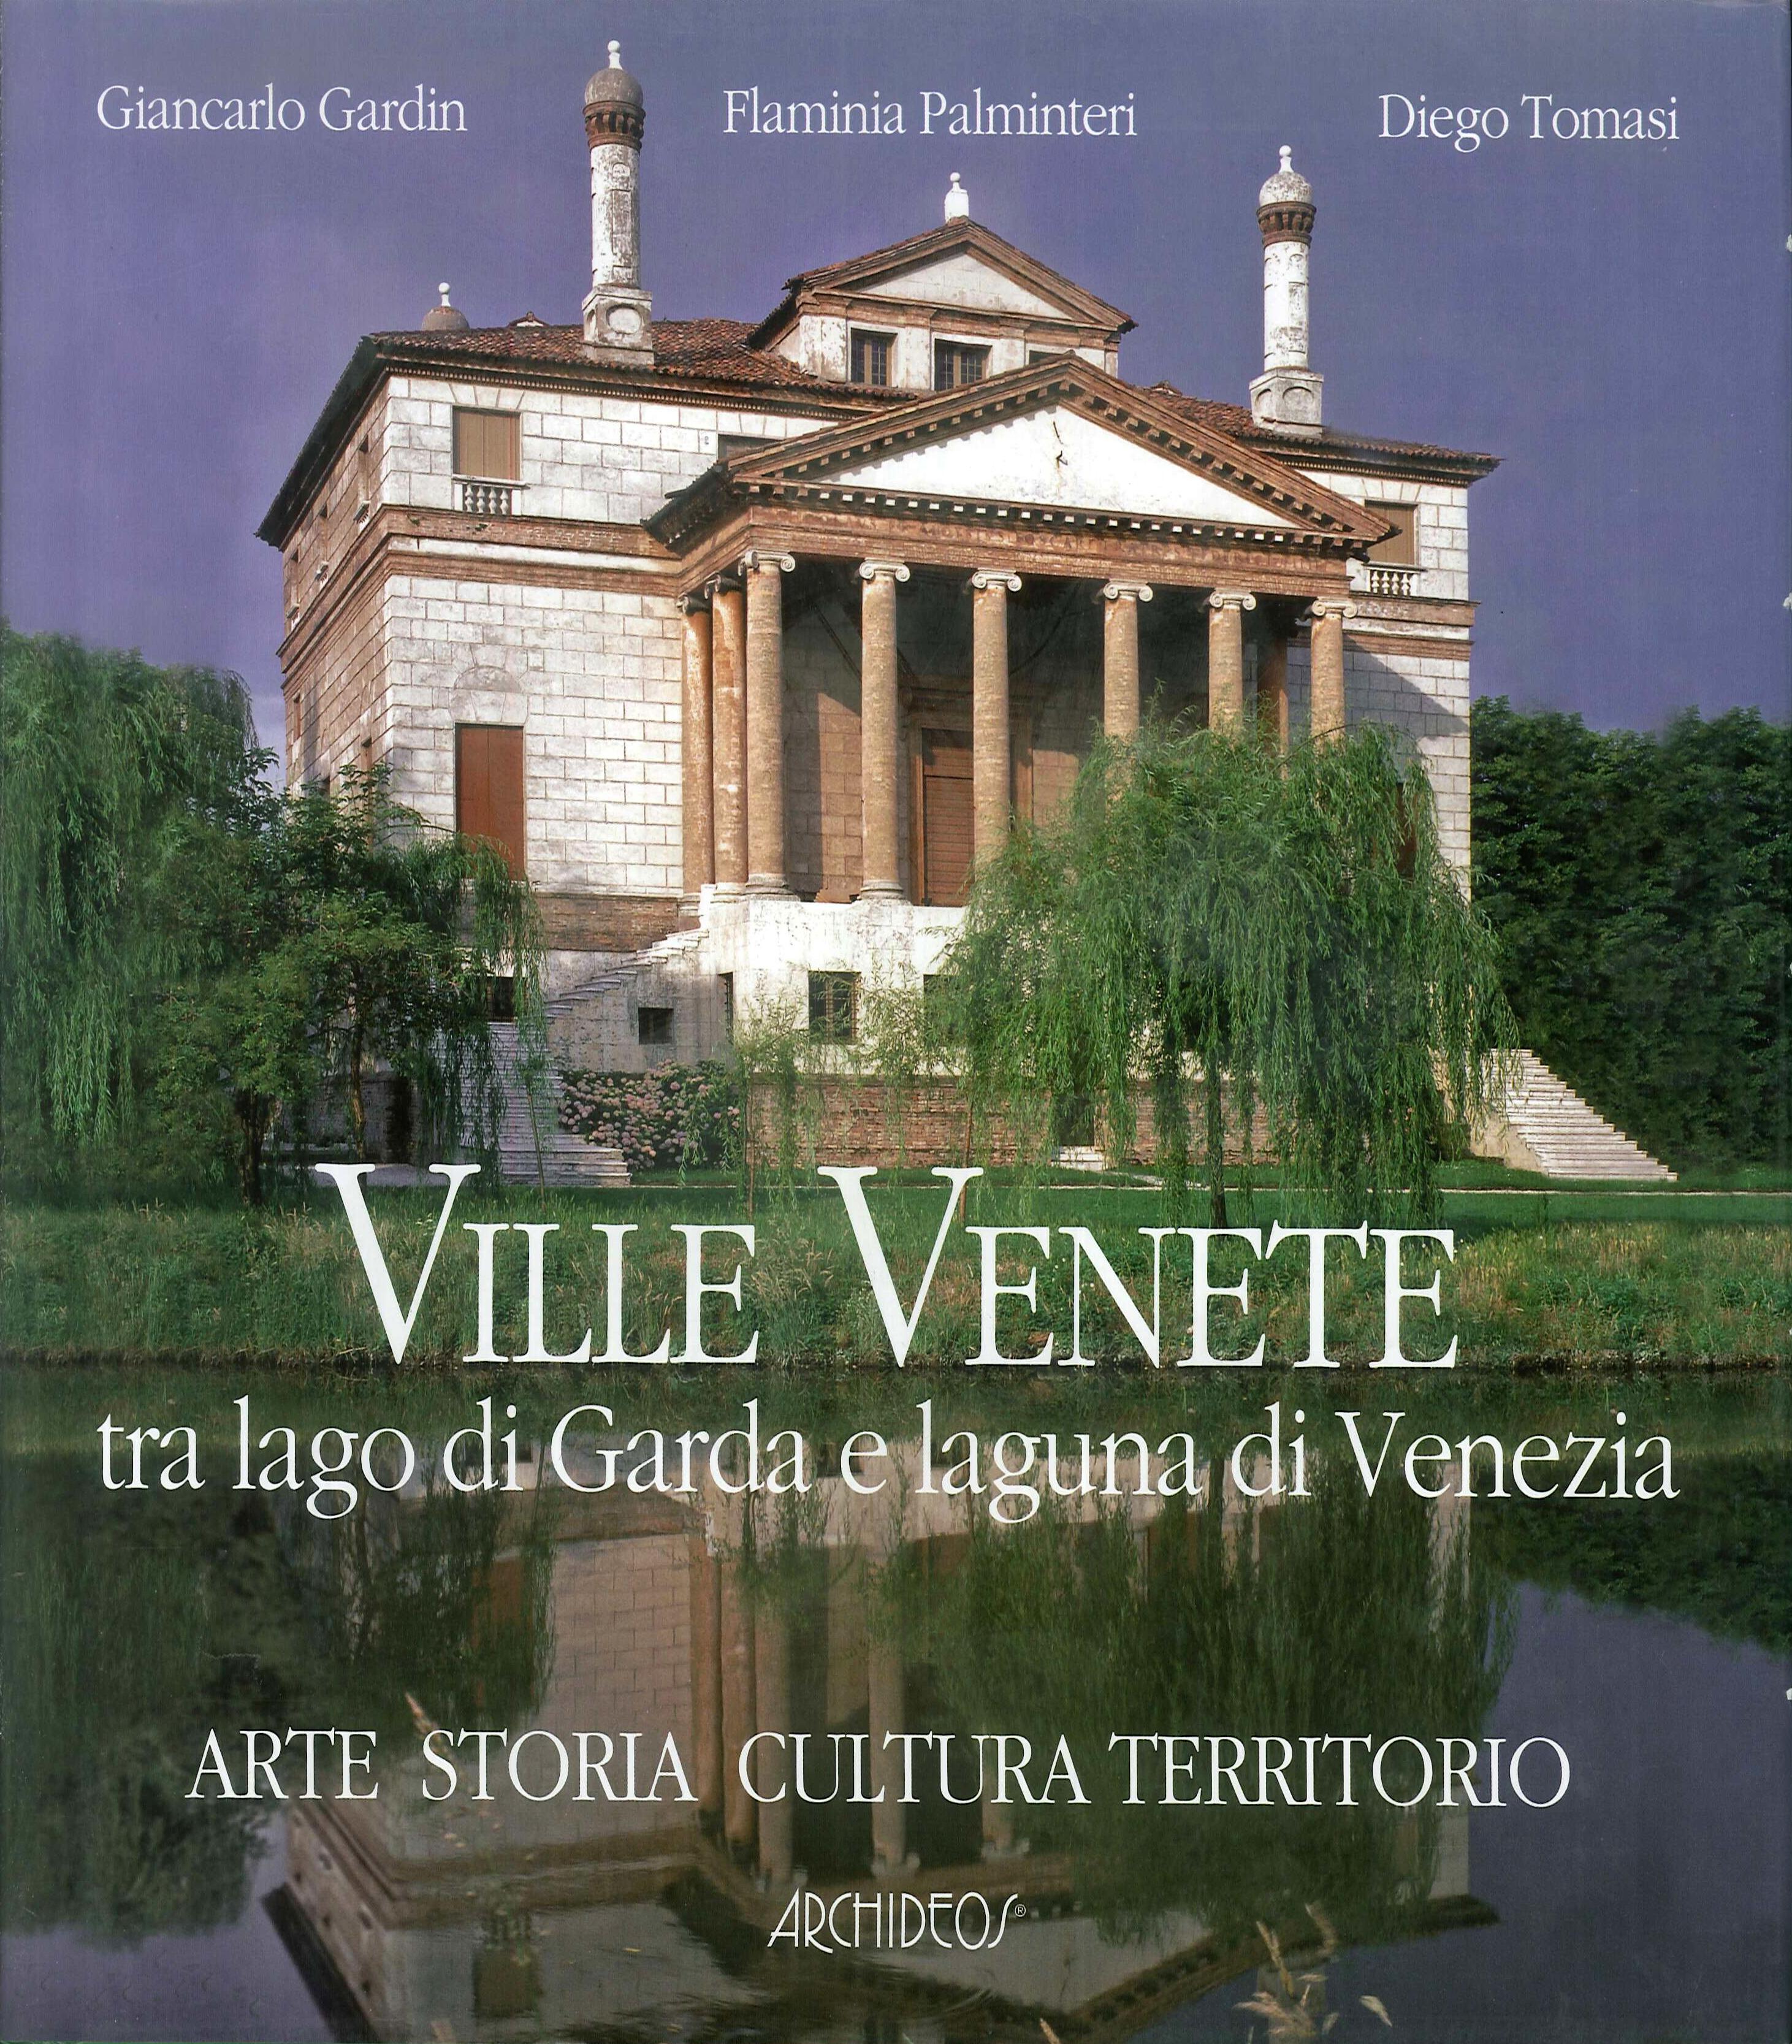 Ville venete tra lago di Garda e Laguna di Venezia. Biodiversita del territorio. Storia e cultura